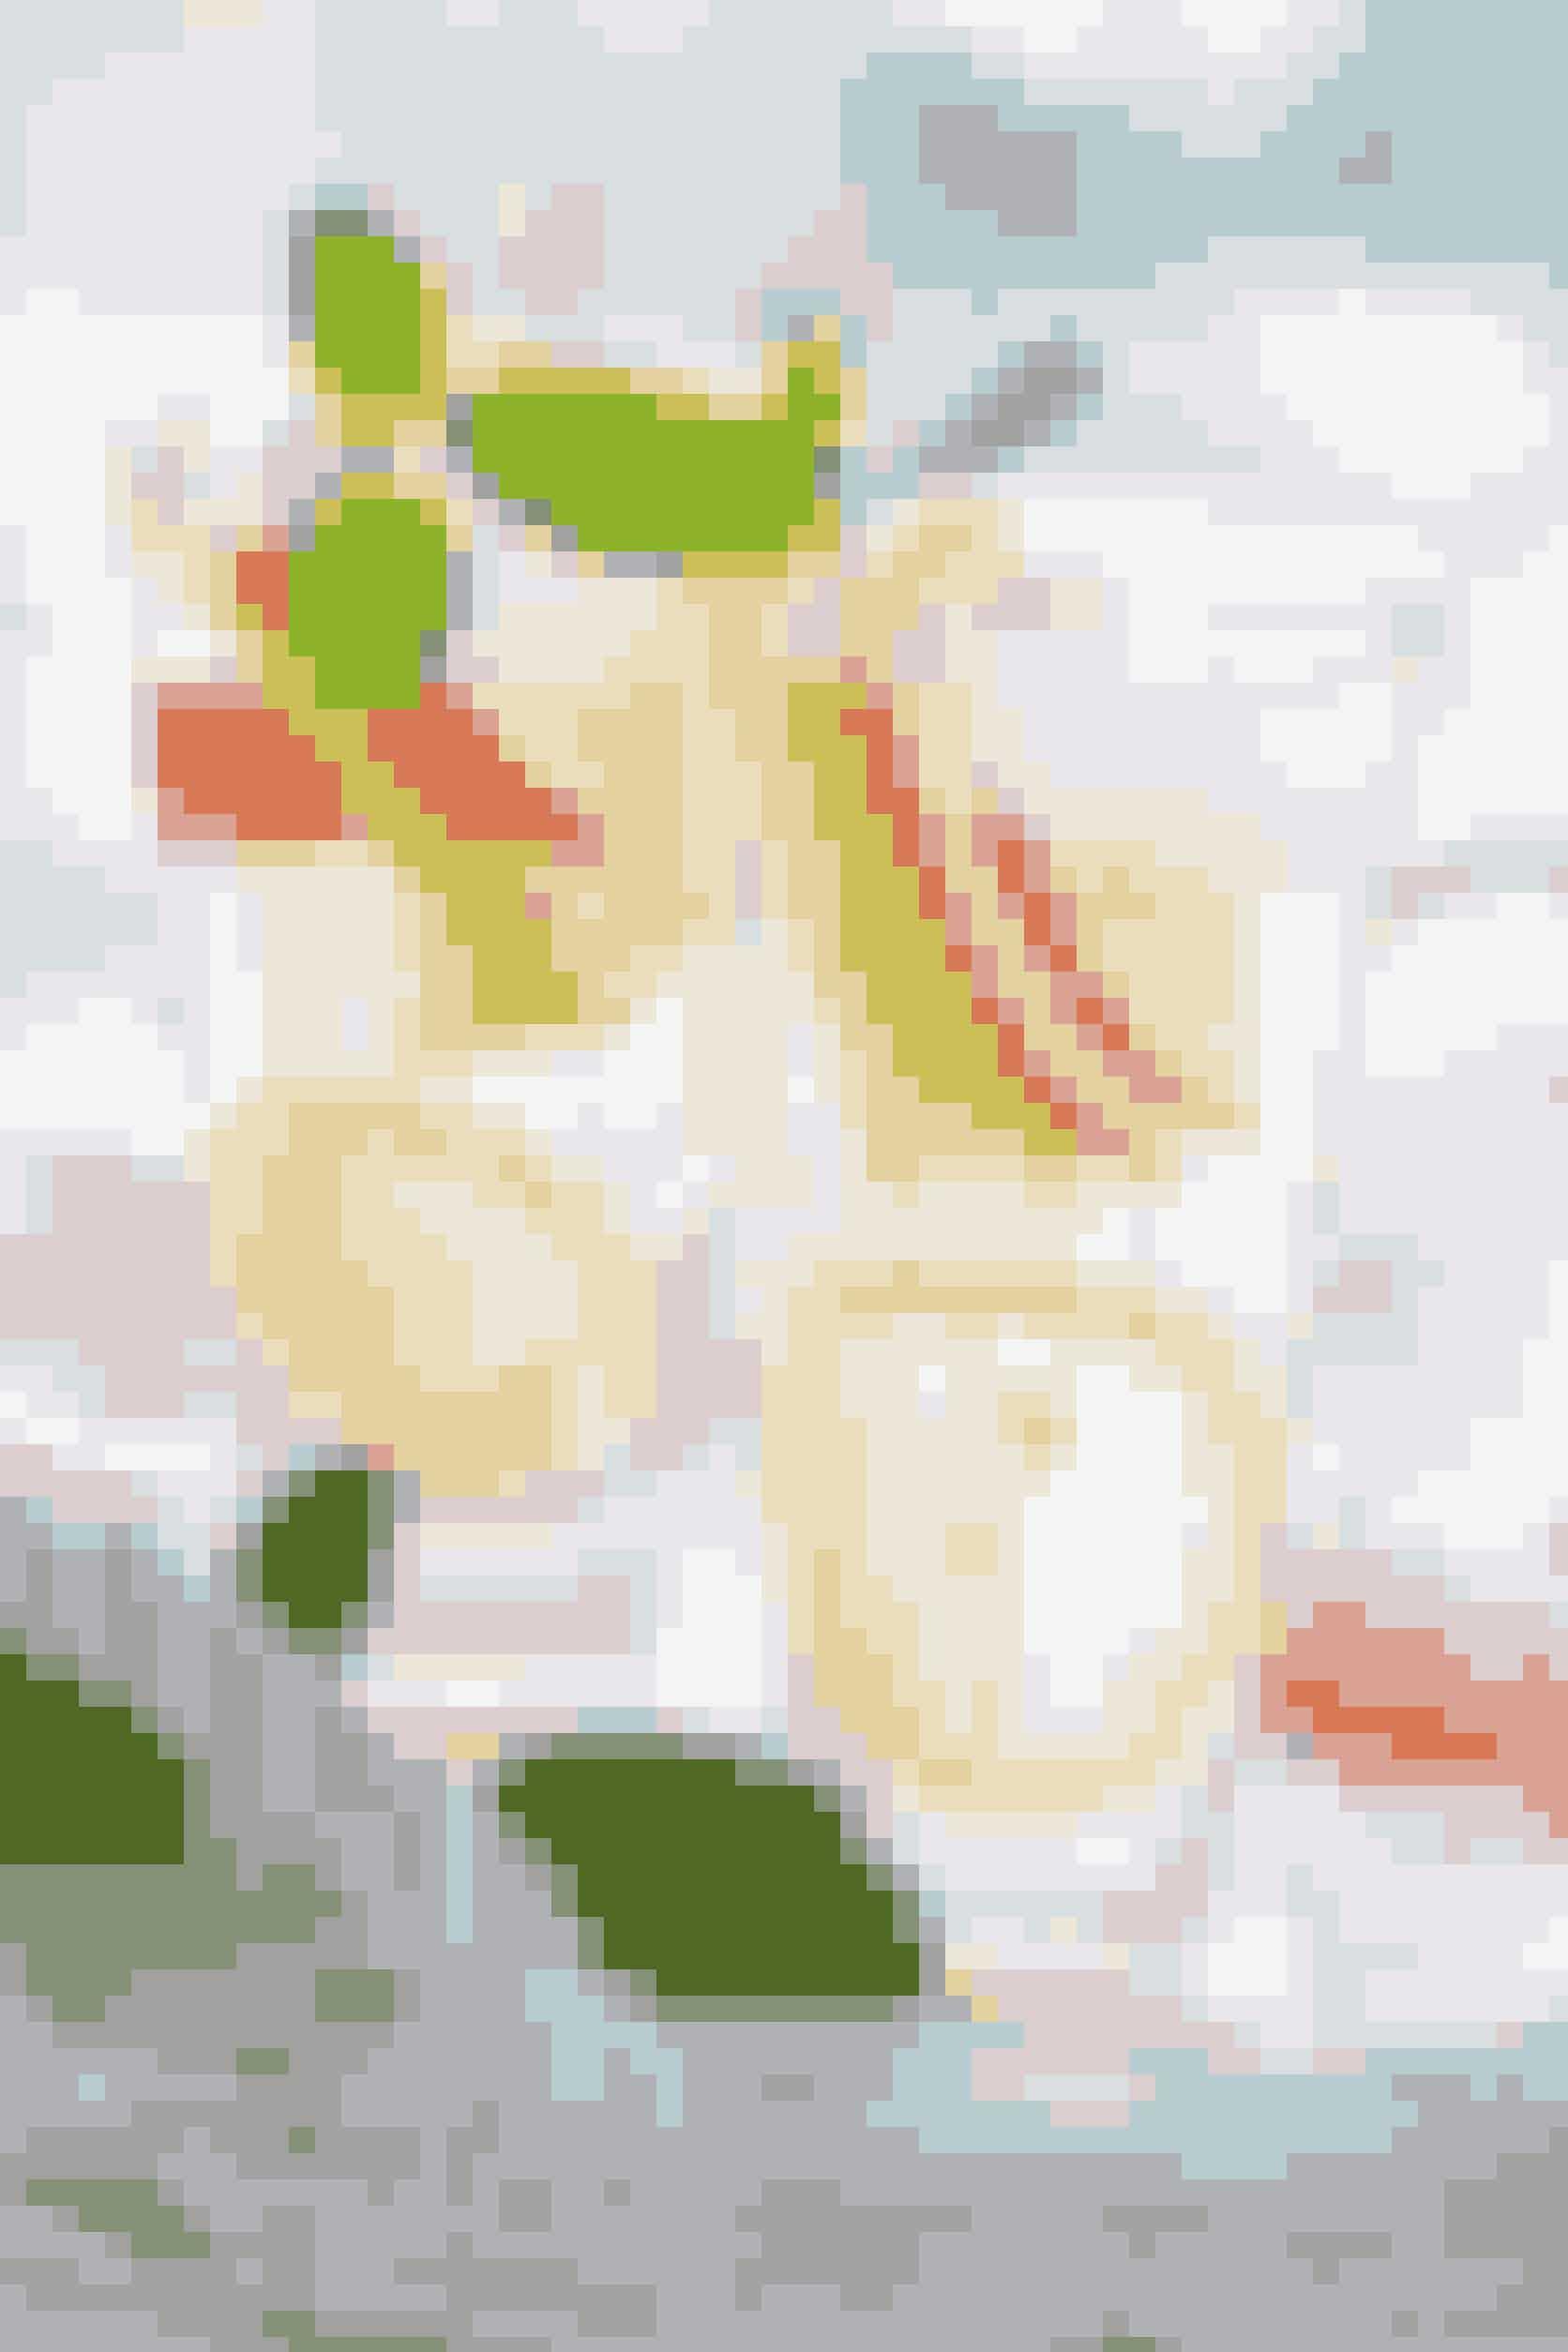 """Amerikanske """"The National Headache Foundation"""" foreslår juicen """"The Champagne Fooler"""" til at få bugt med den hovedpine, der gerne følger med en omgang tømmermænd. Den enkle opskrift til 4 glas følger her:1 - 1,5 glas æblejuice1 teskefuld citronsaft350 ml danskvandAfkøl 4 glas. Bland æblejuice og citronsaft. Tilsæt danskvand og omrør. Servér øjeblikkeligt."""